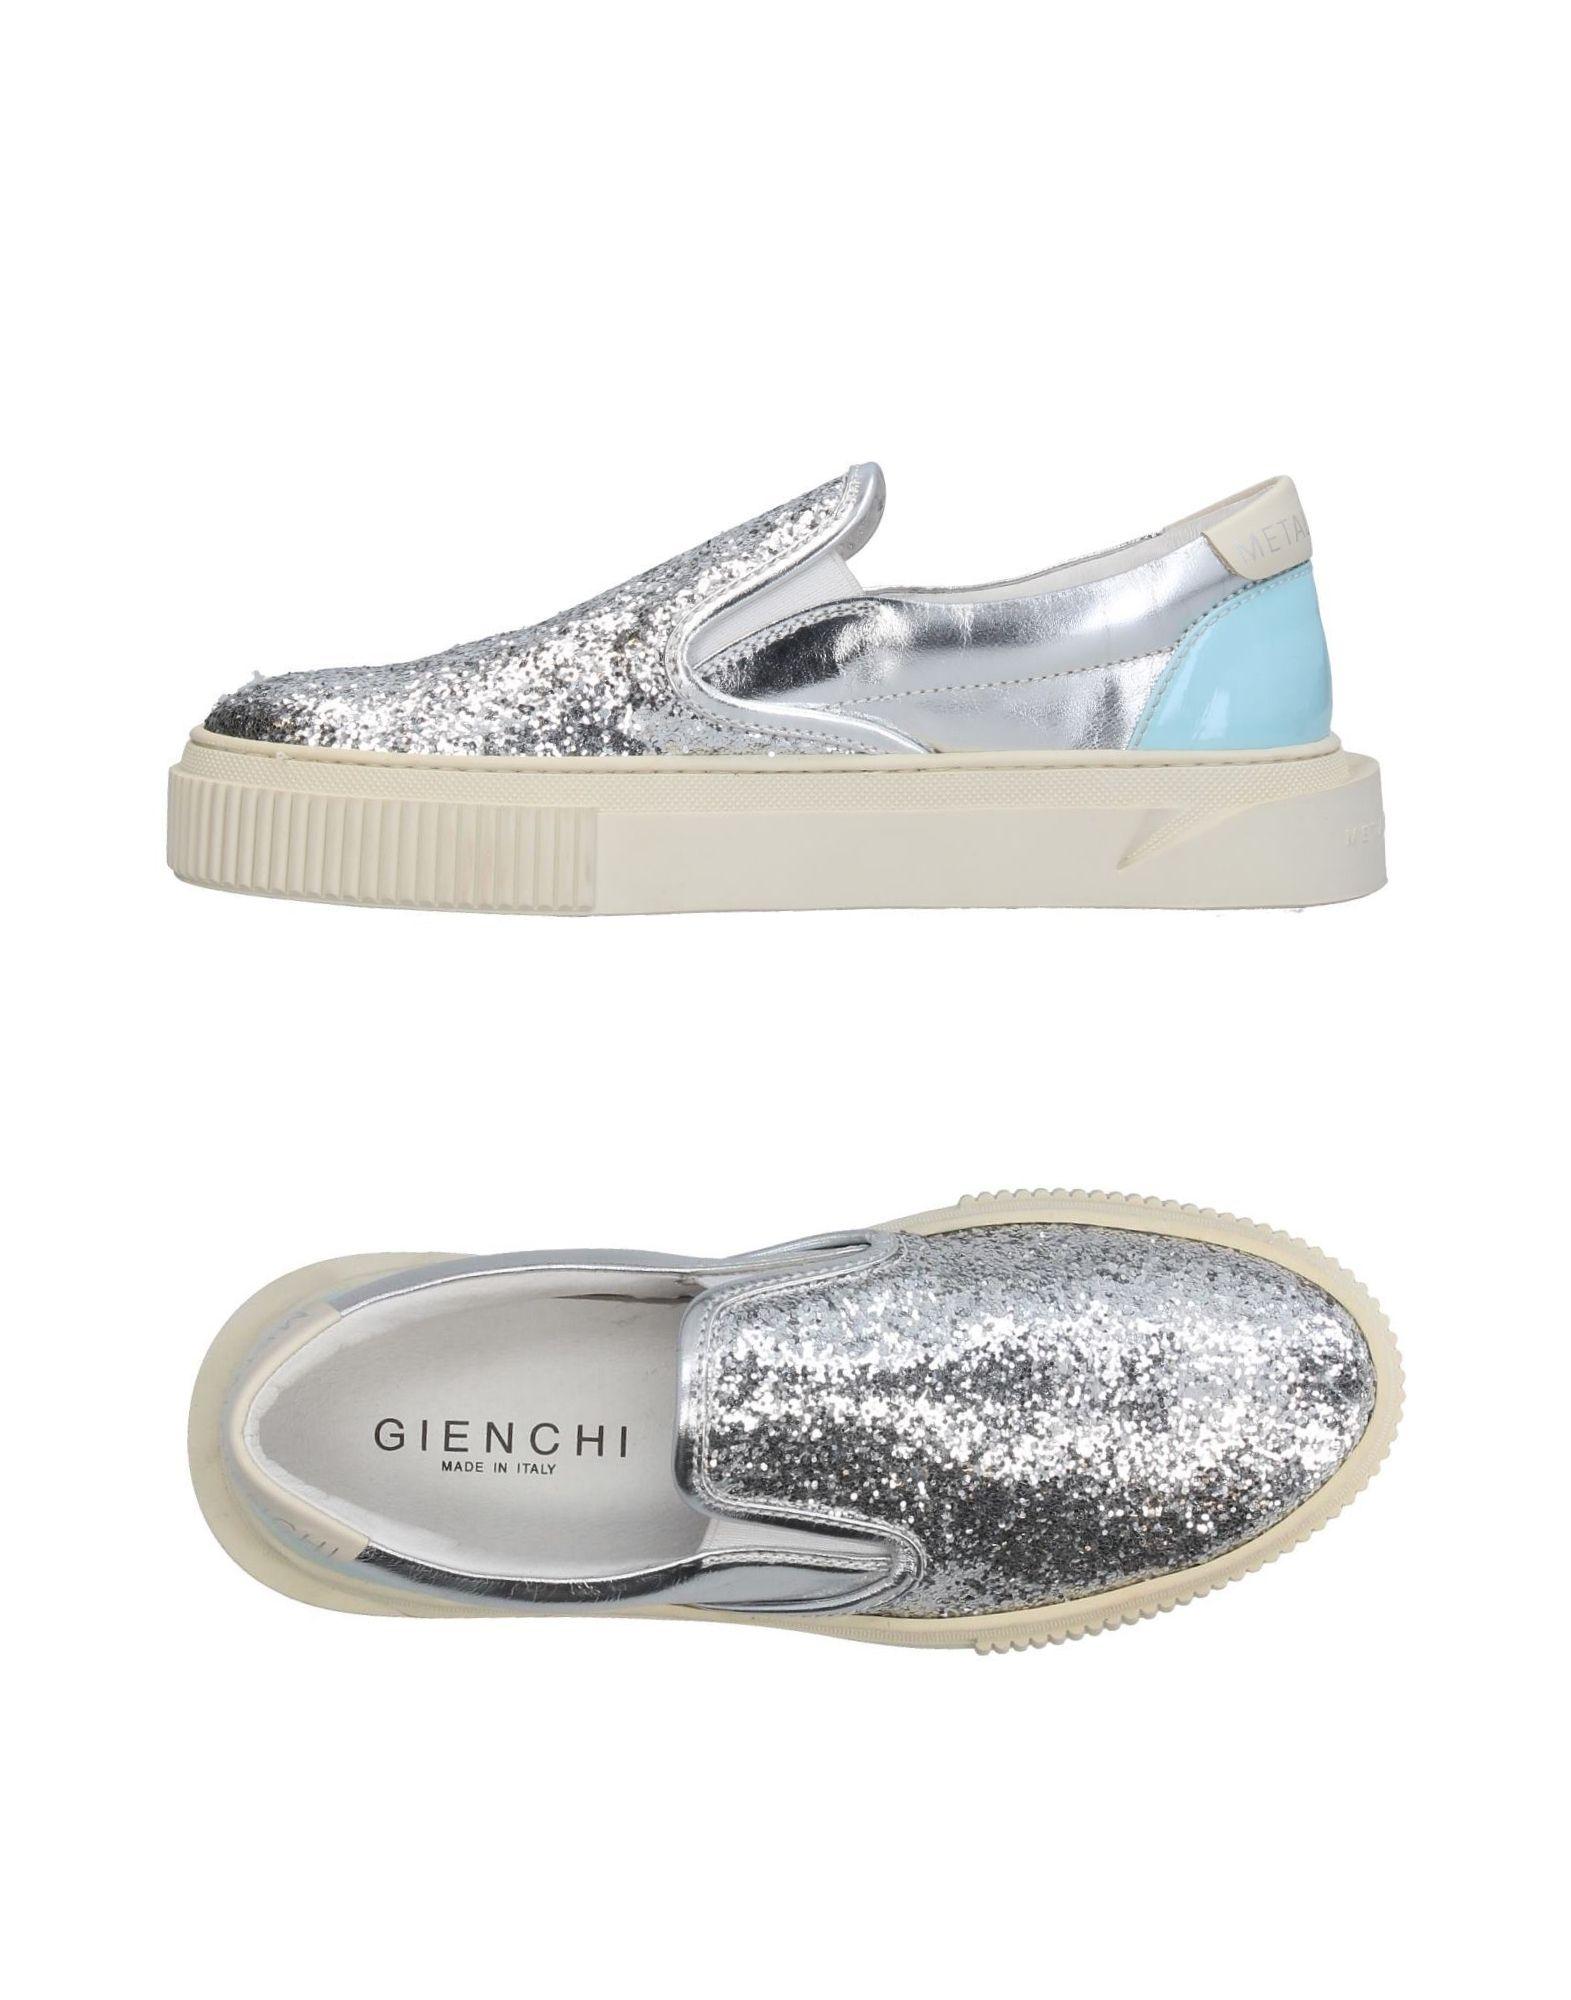 Scarpe economiche e resistenti Sneakers Metalgienchi Donna - 11392192LH